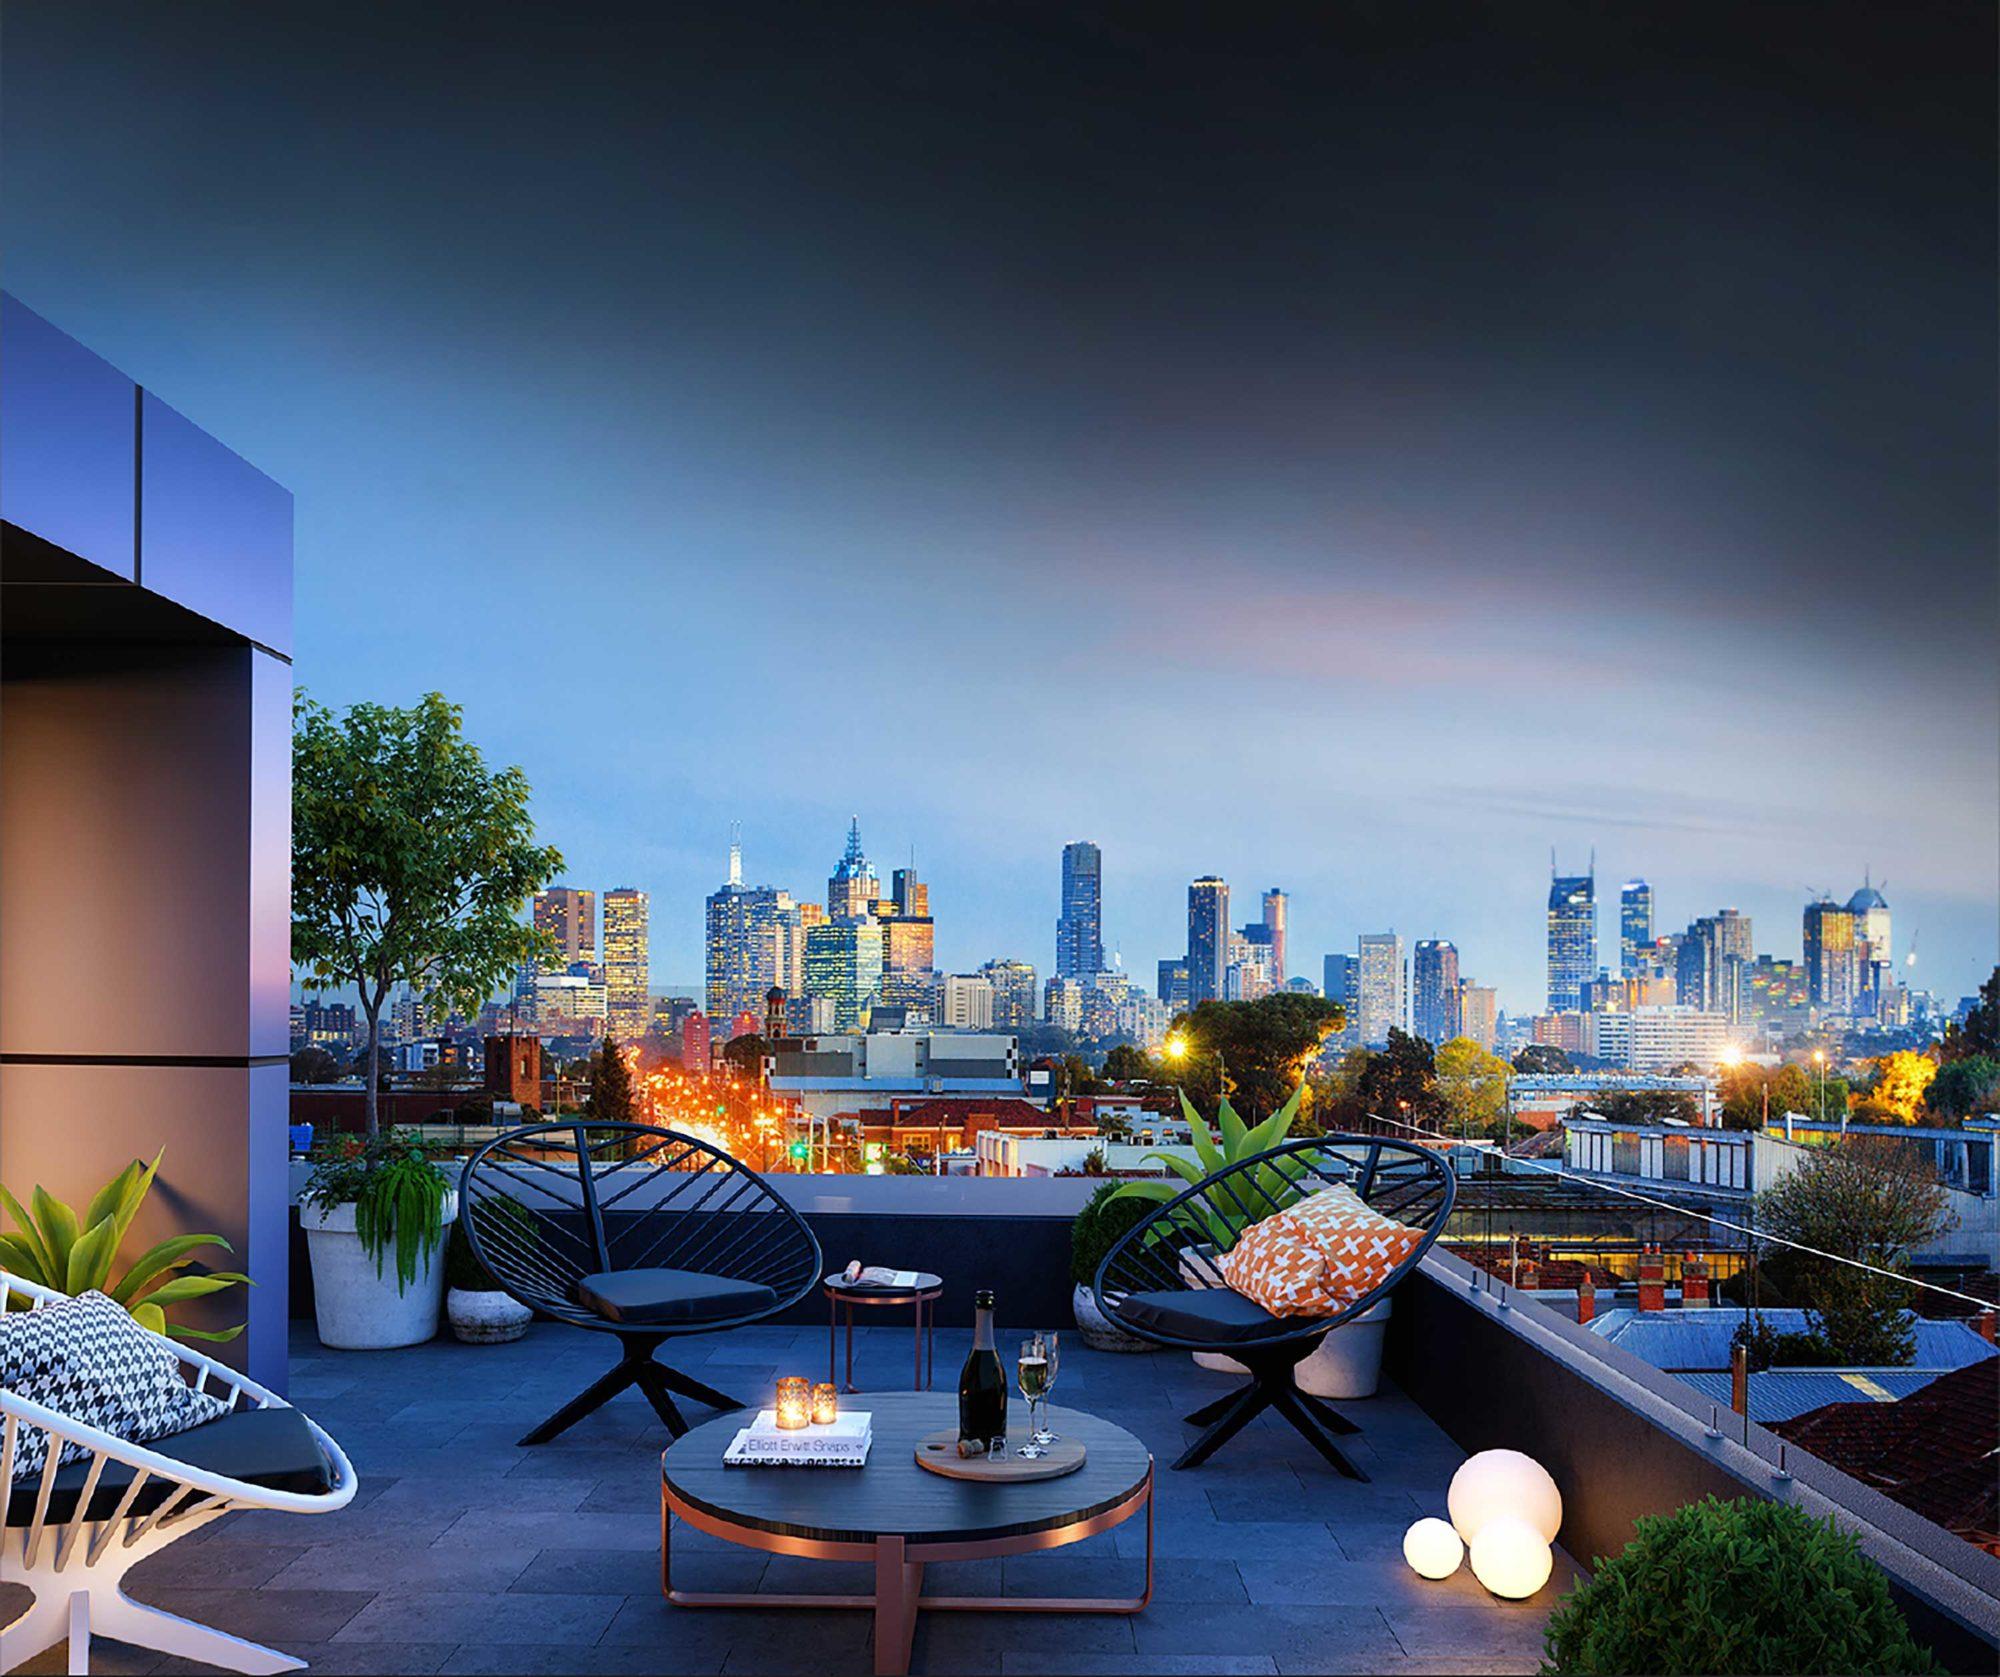 Mason Park Apartments: Melbourne City Apartments